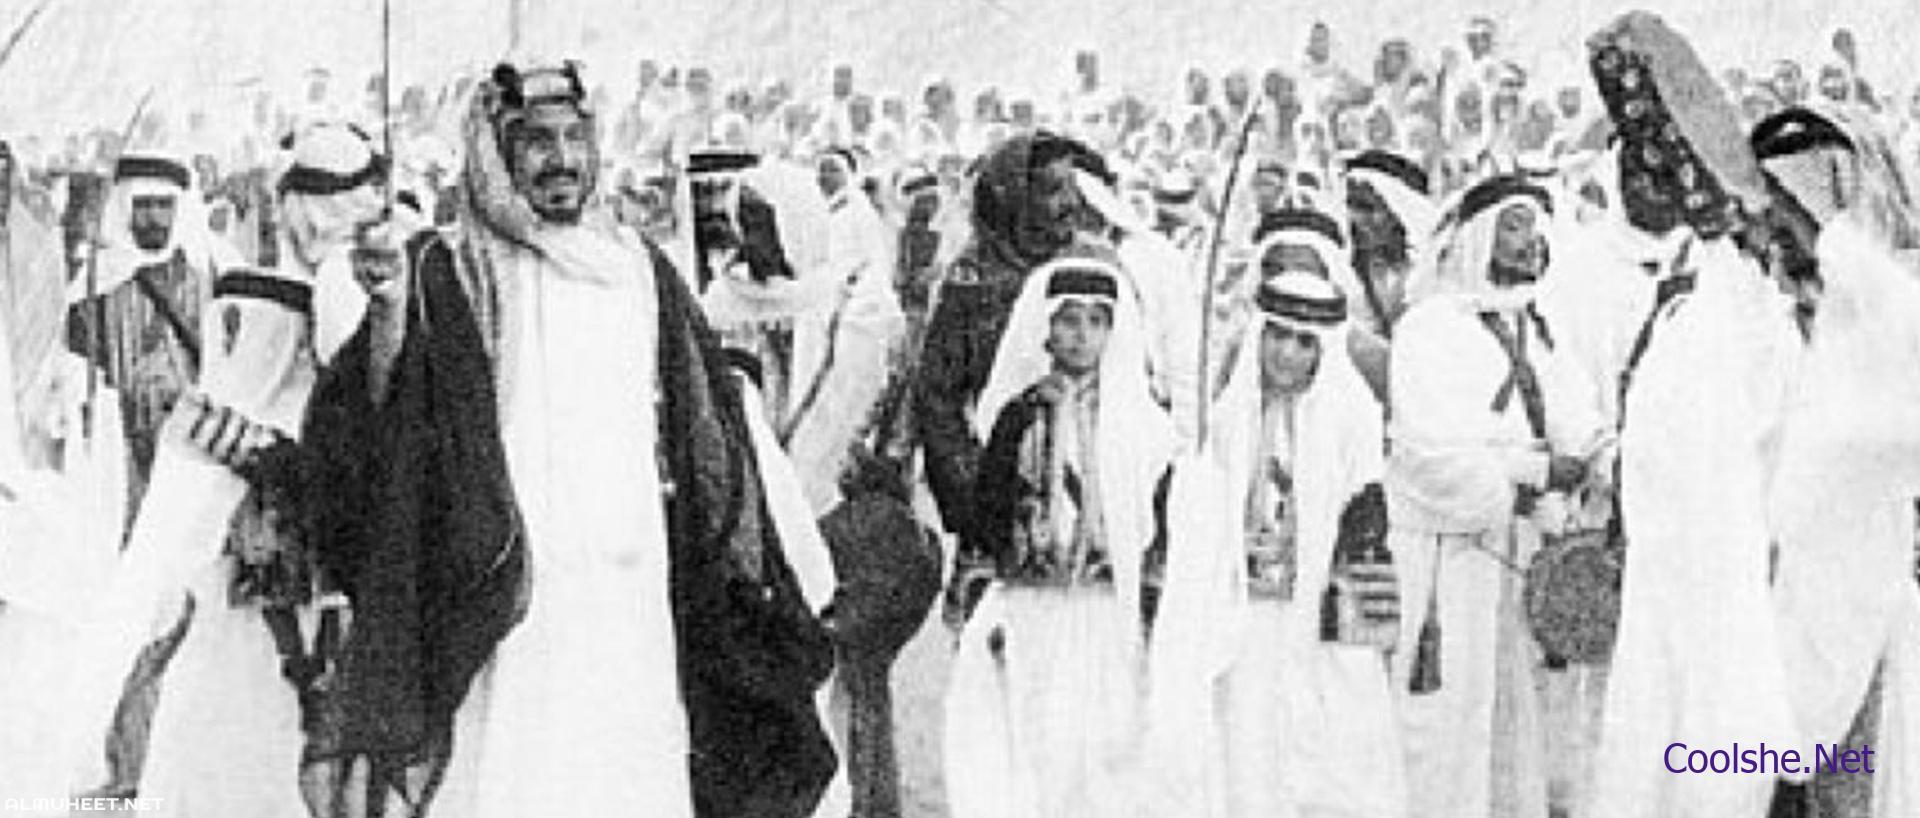 مؤسس الدولة السعودية الأولى كل شي